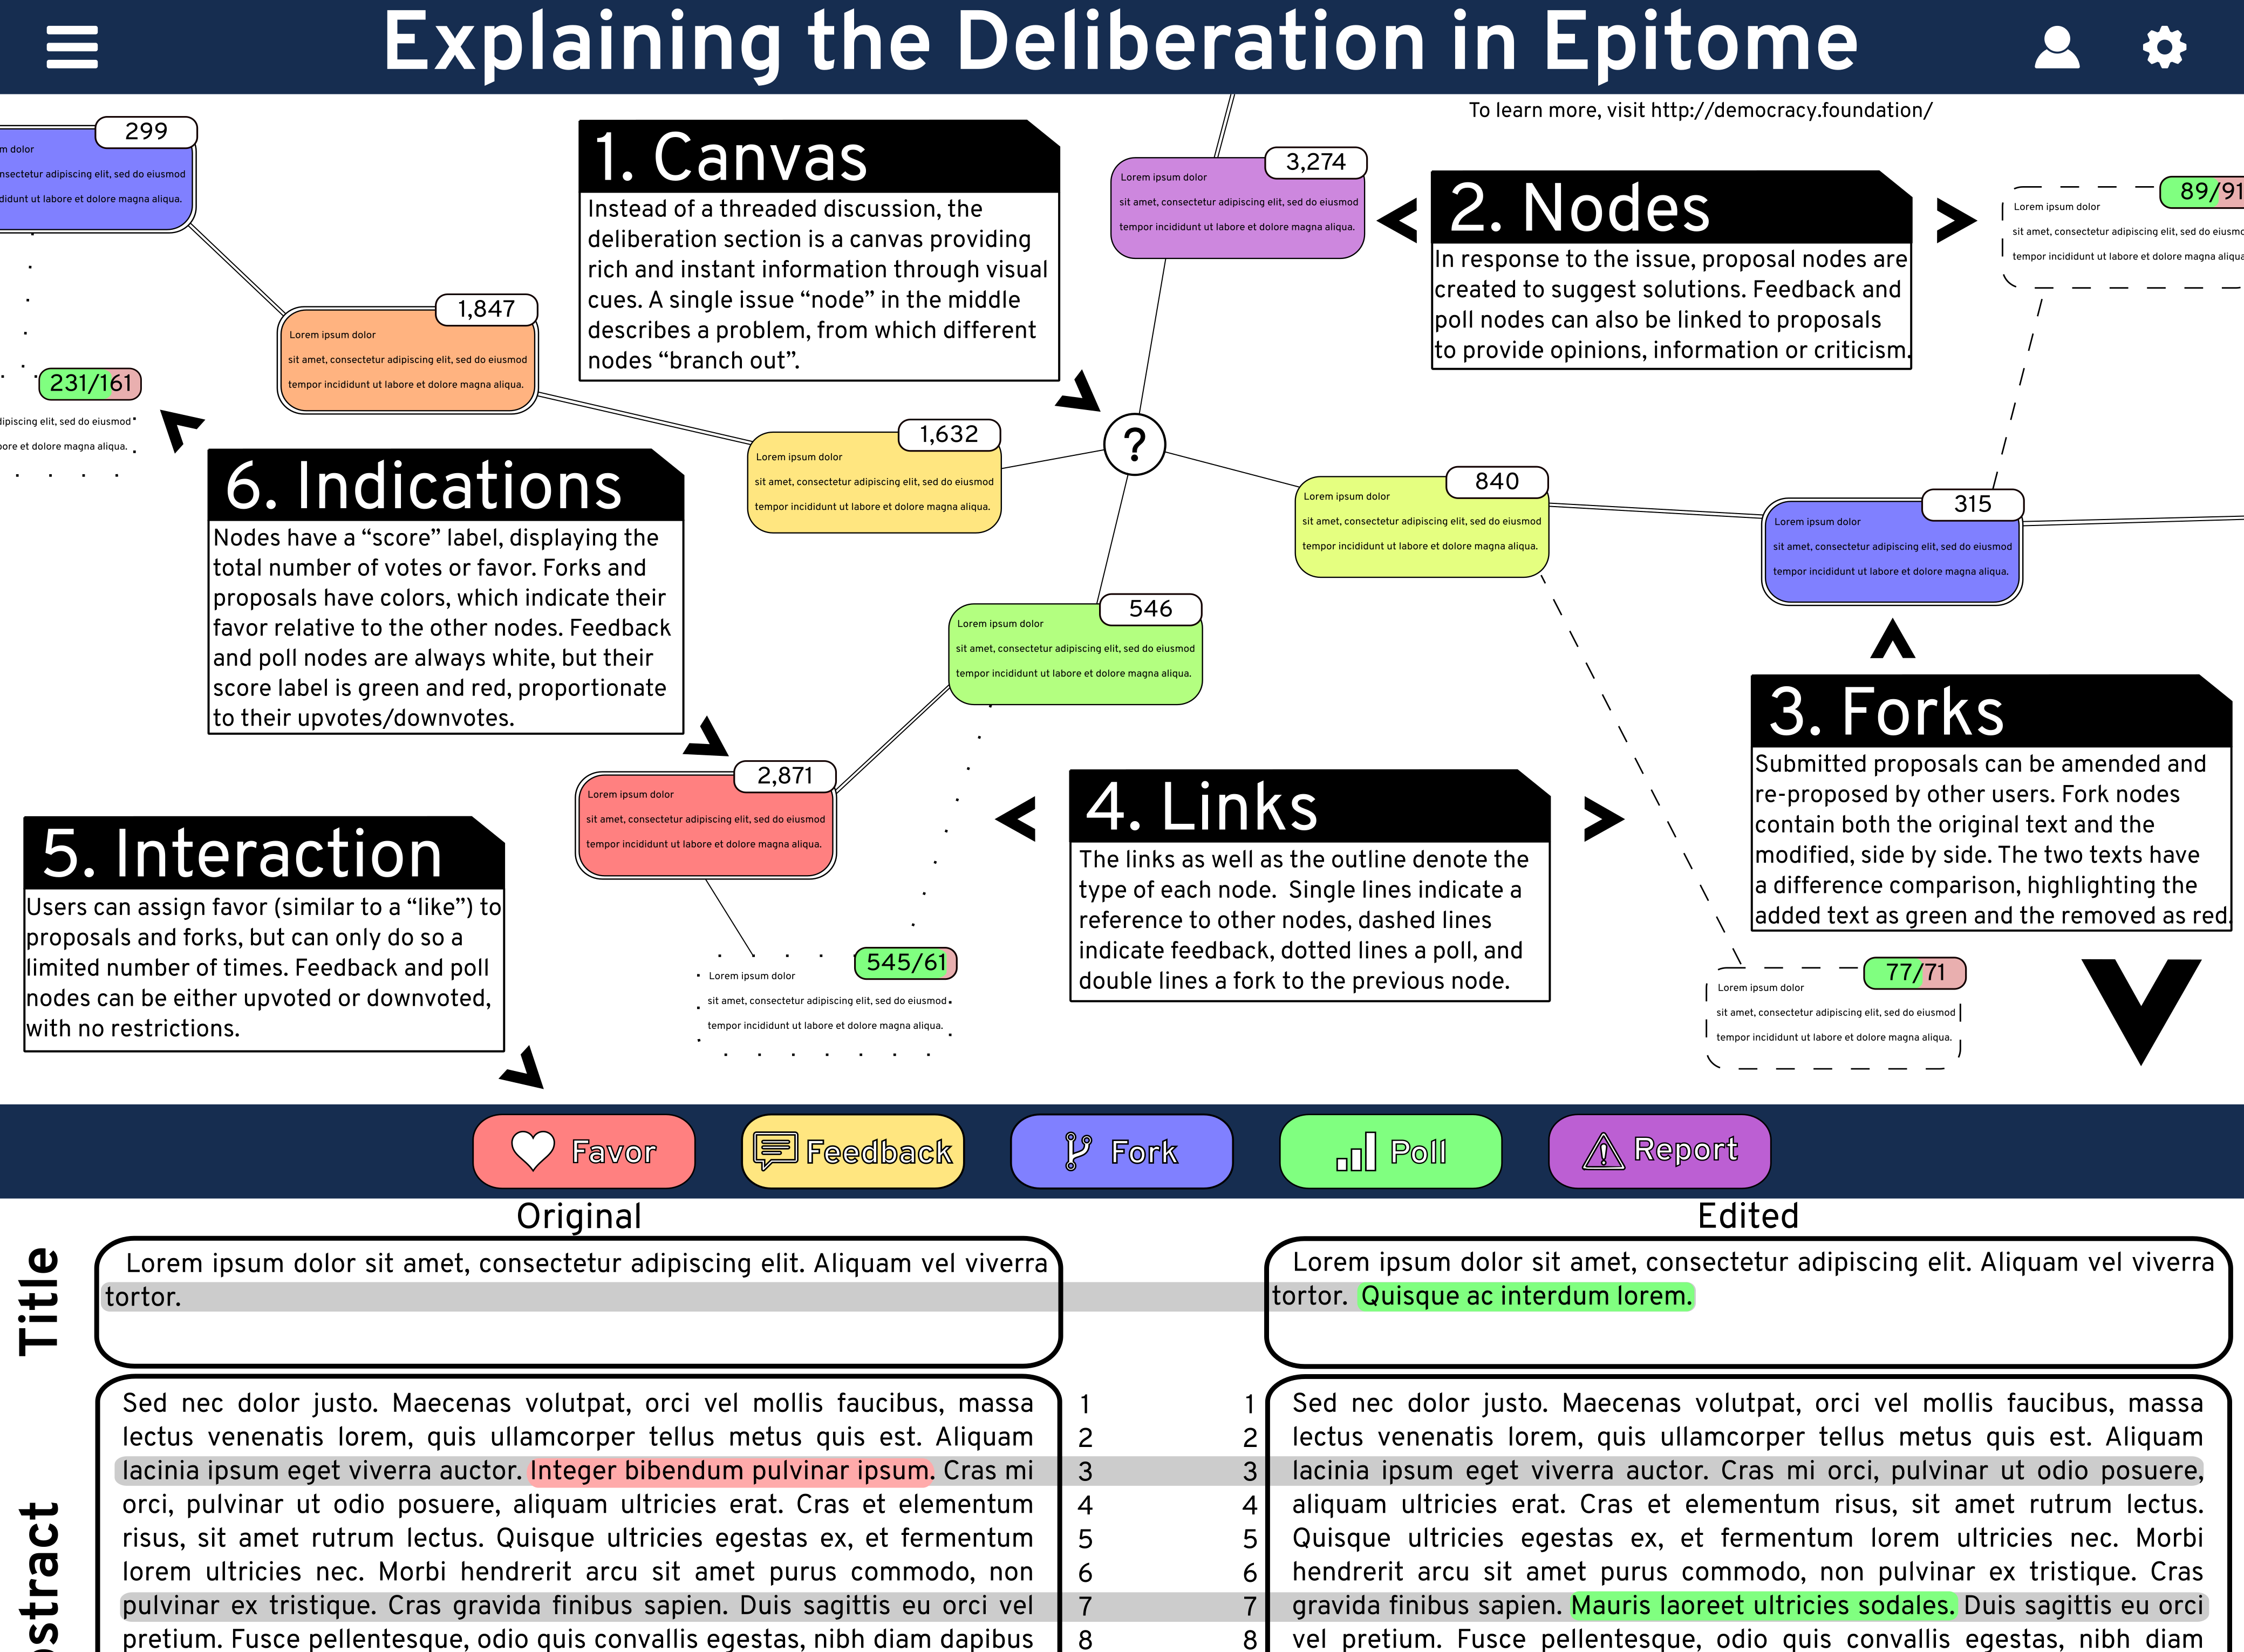 Deliberation in Epitome